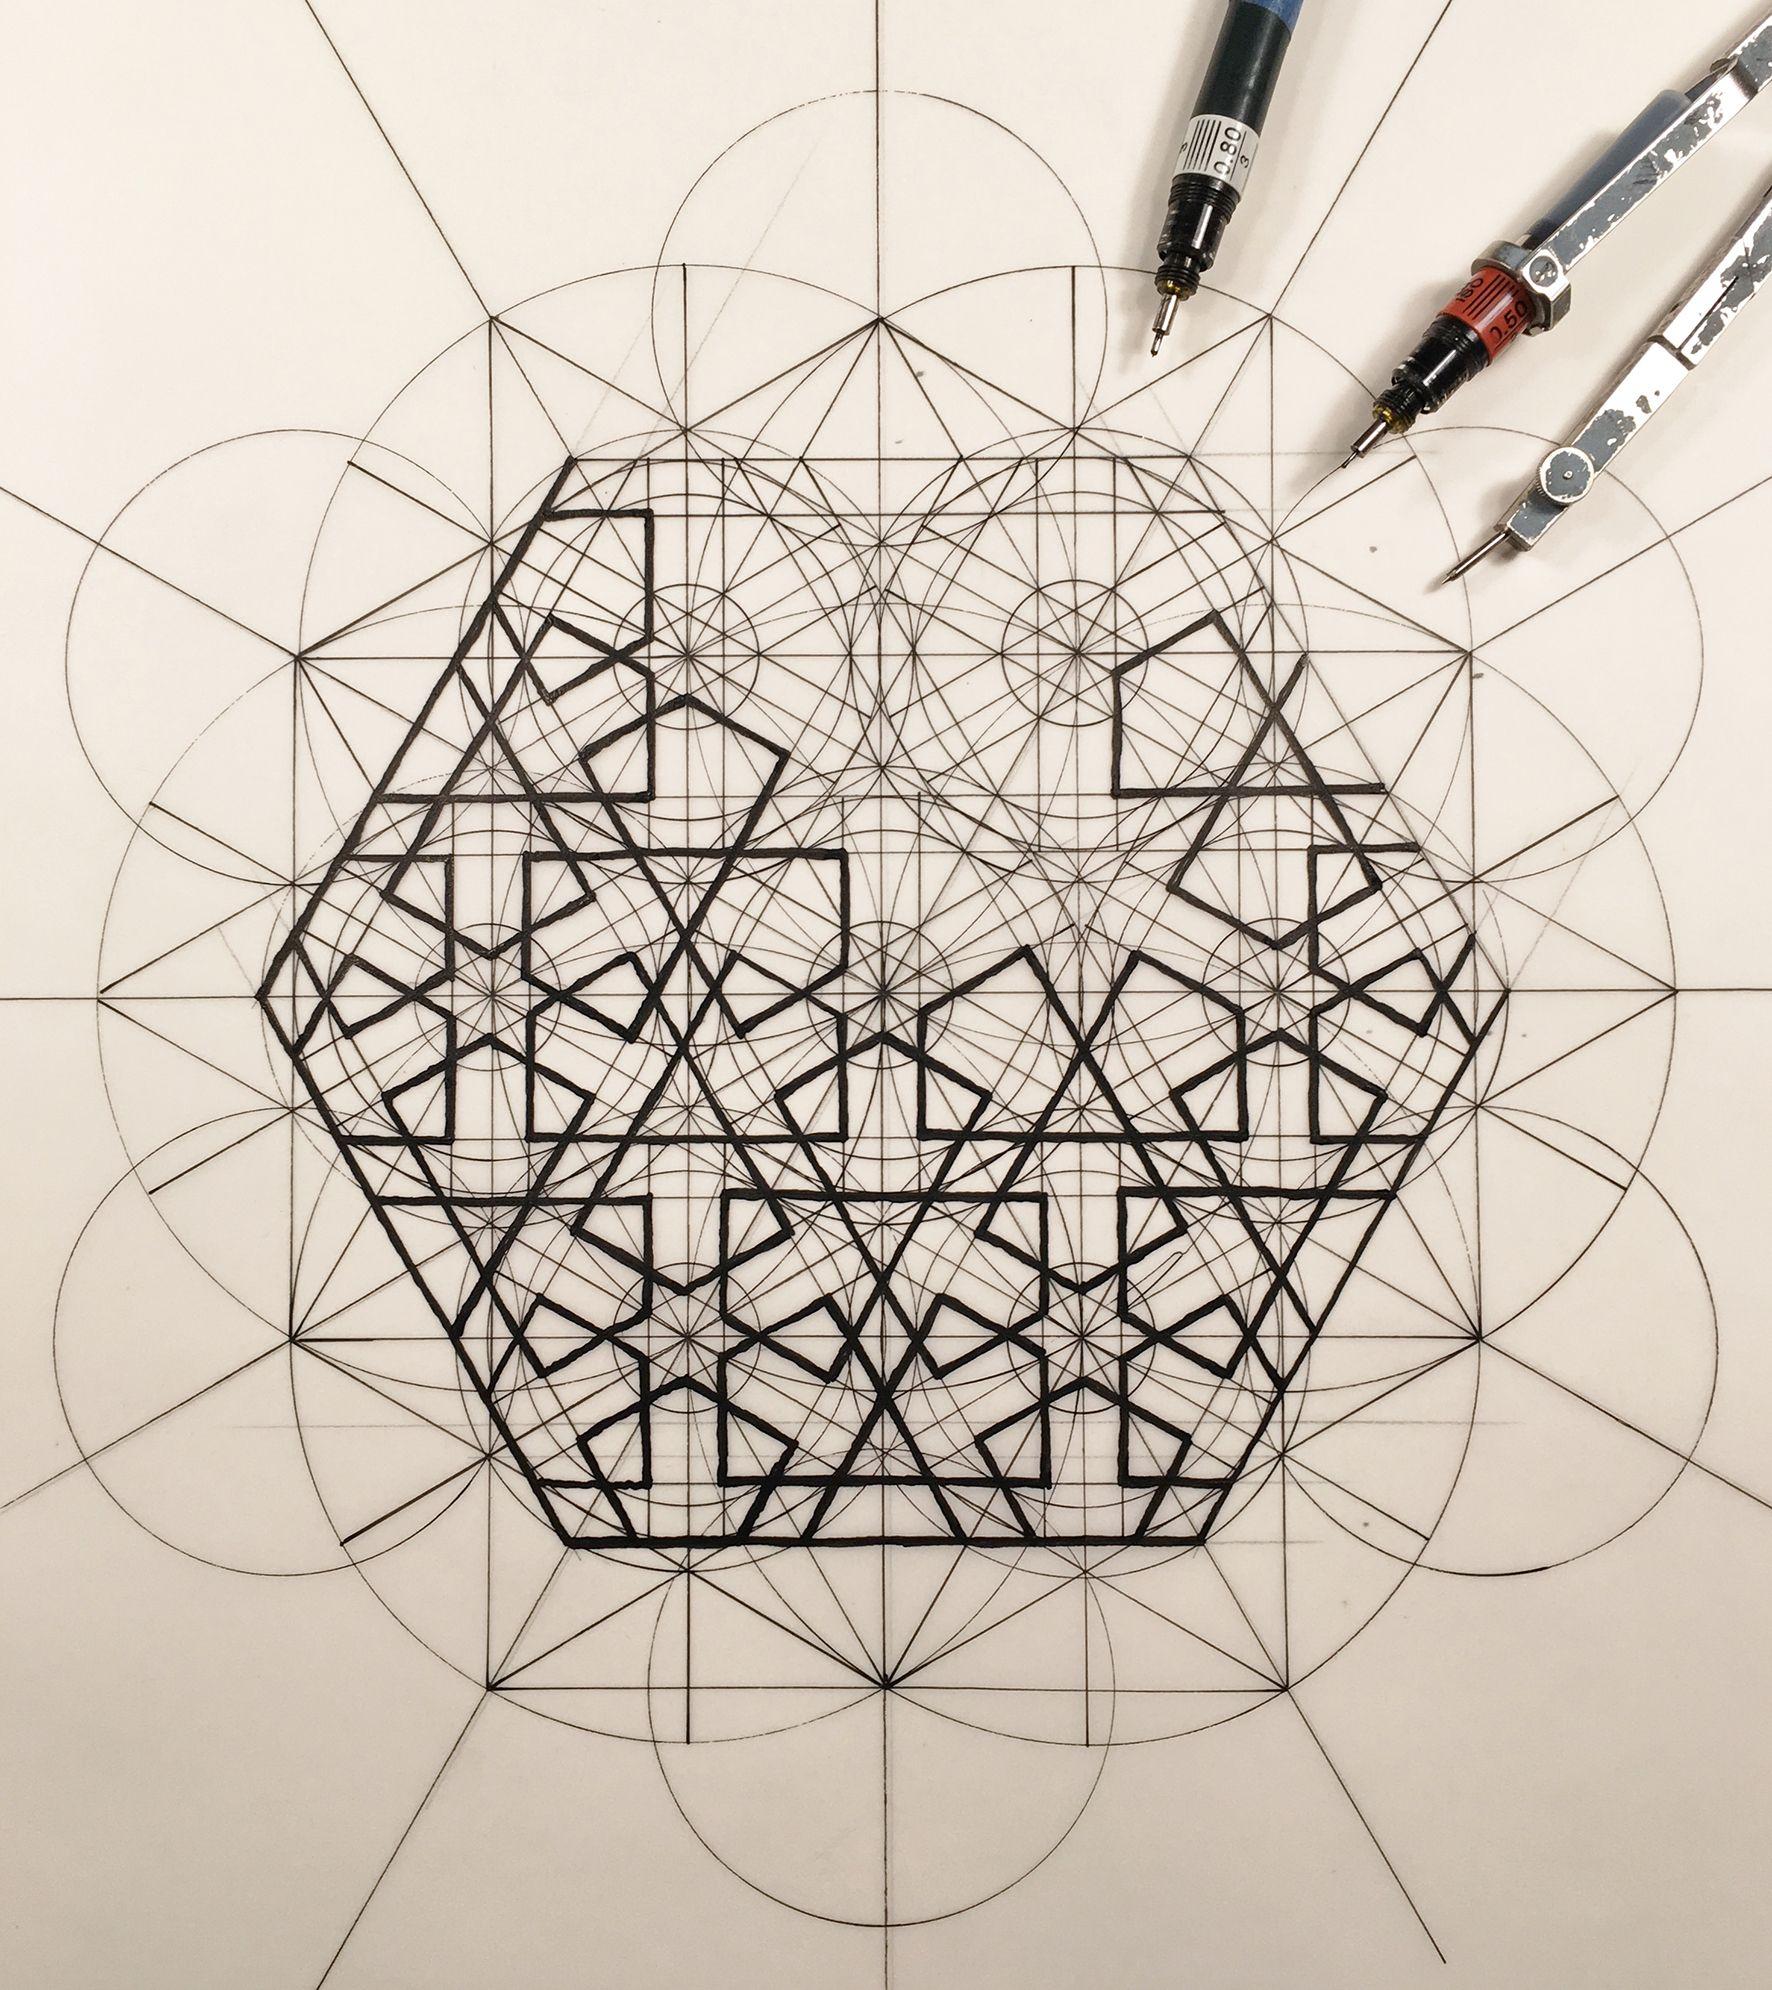 Rafael Araujo Fusiona El Arte Y La Ciencia Ilustrando A Mano Proporcion Aurea